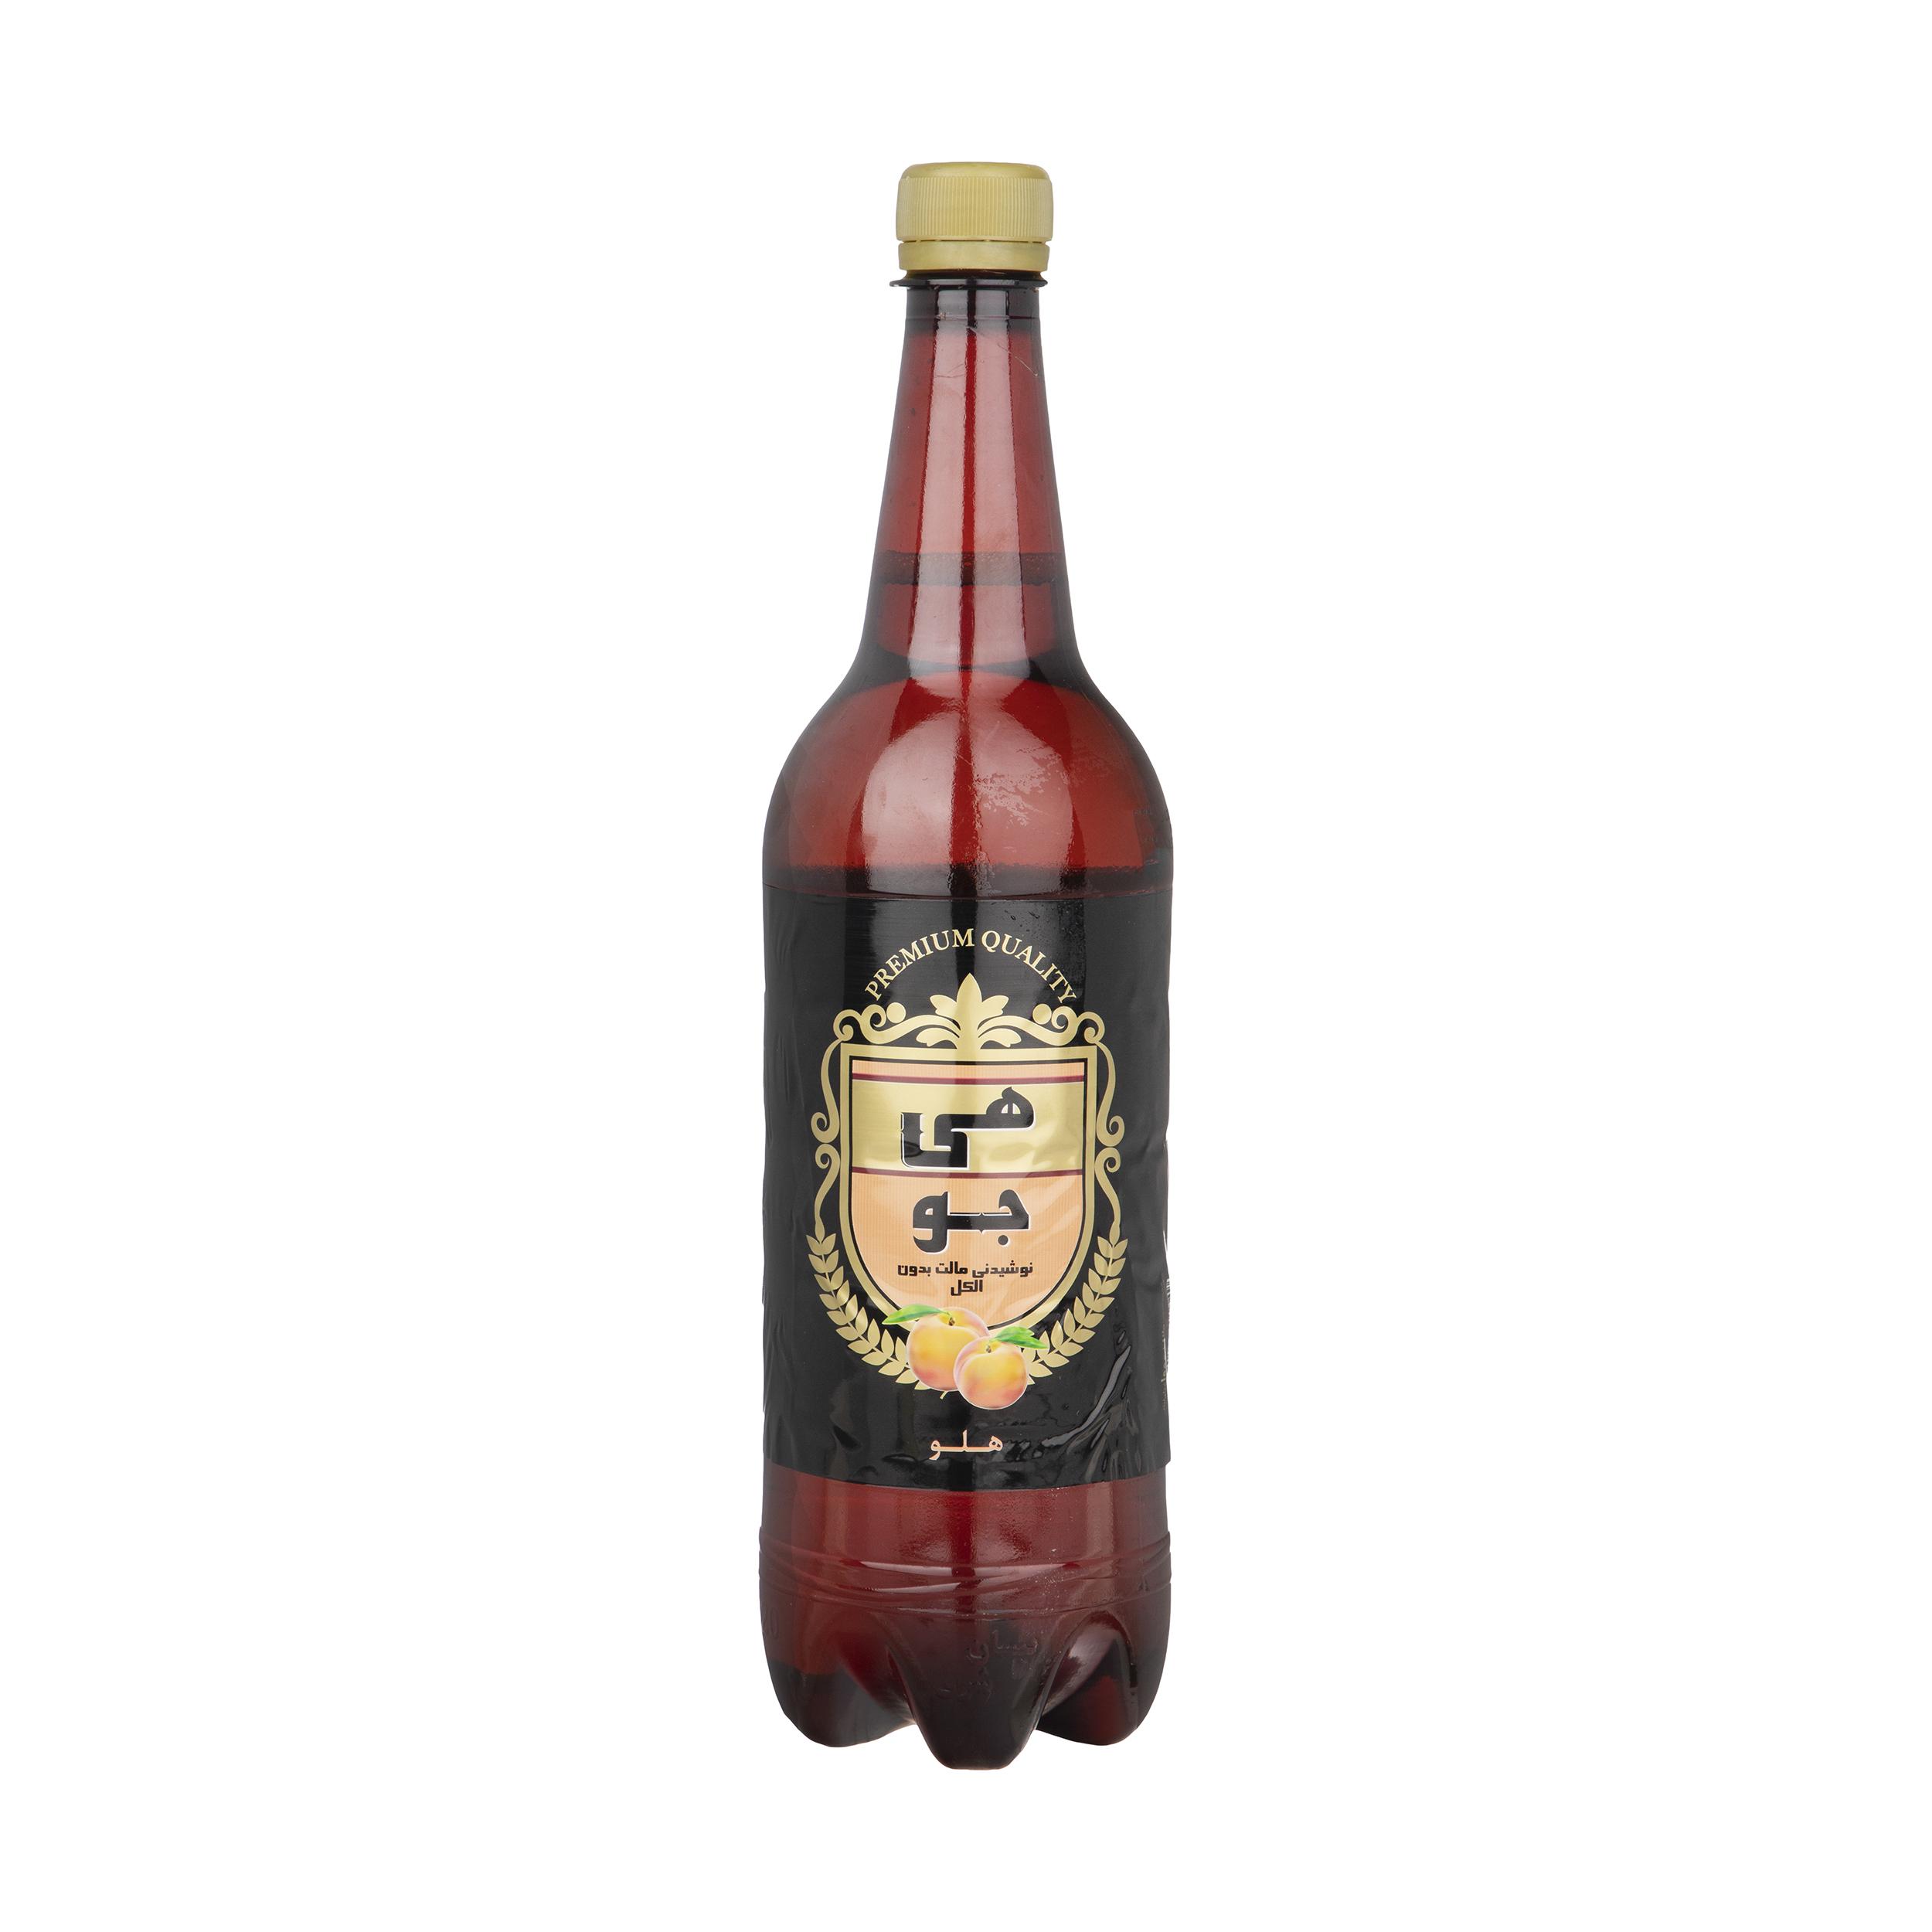 نوشیدنی مالت هی جو با طعم هلو - 1 لیتر